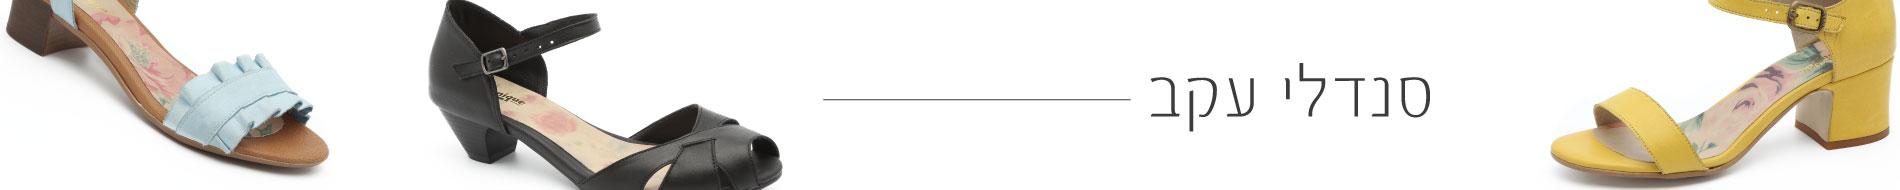 בלעדי לאתר - דגם נינה: סנדלים בצבע שחור